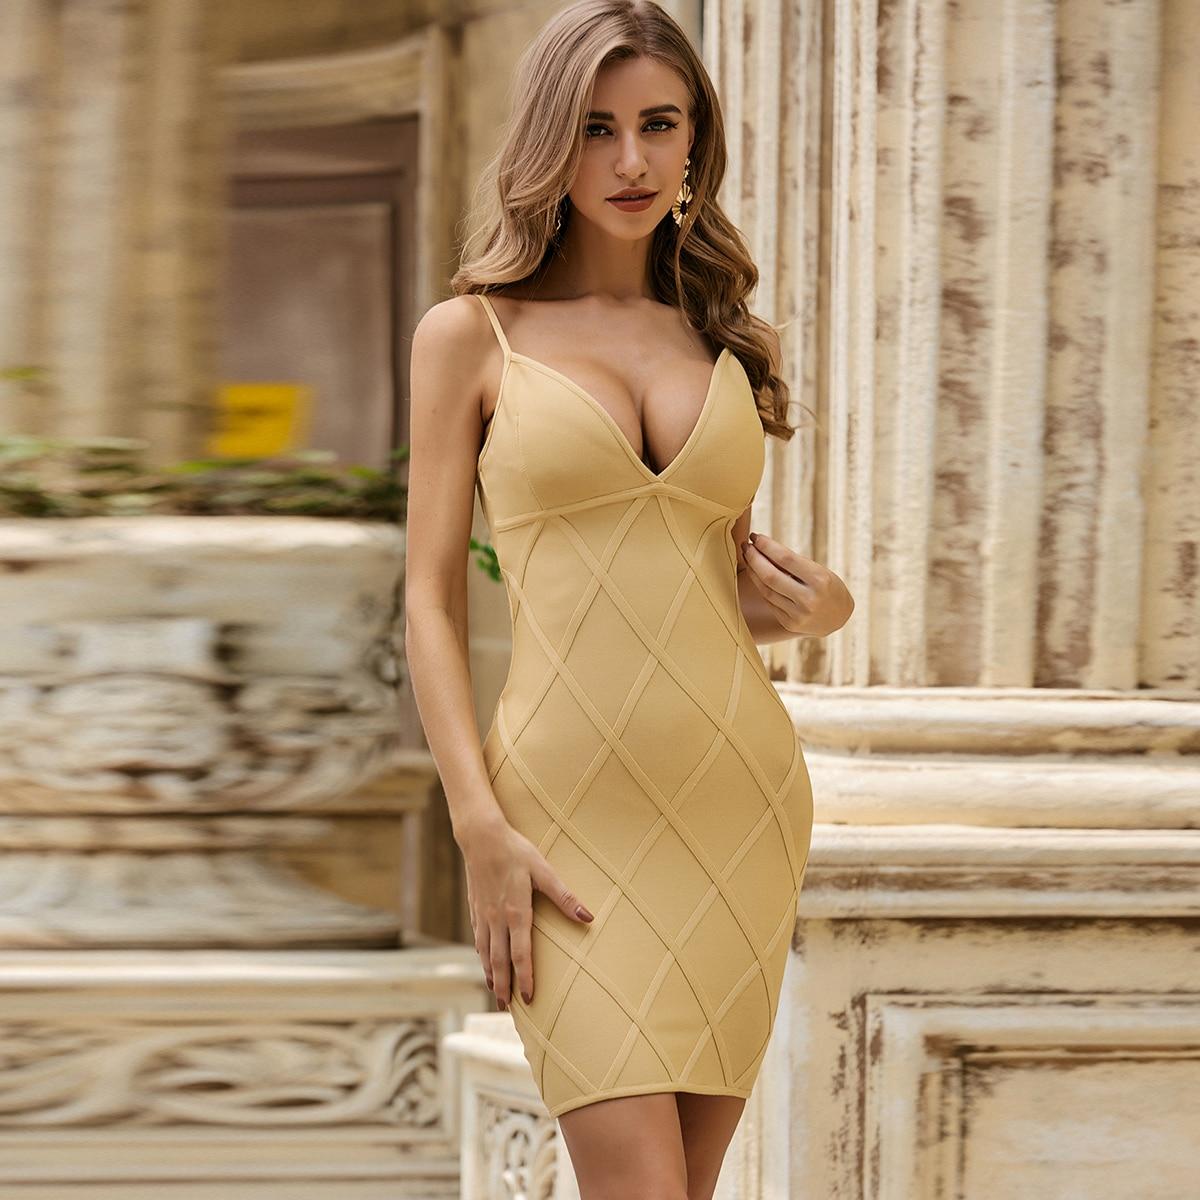 Sesidy Облегающее платье с молнией сзади фото